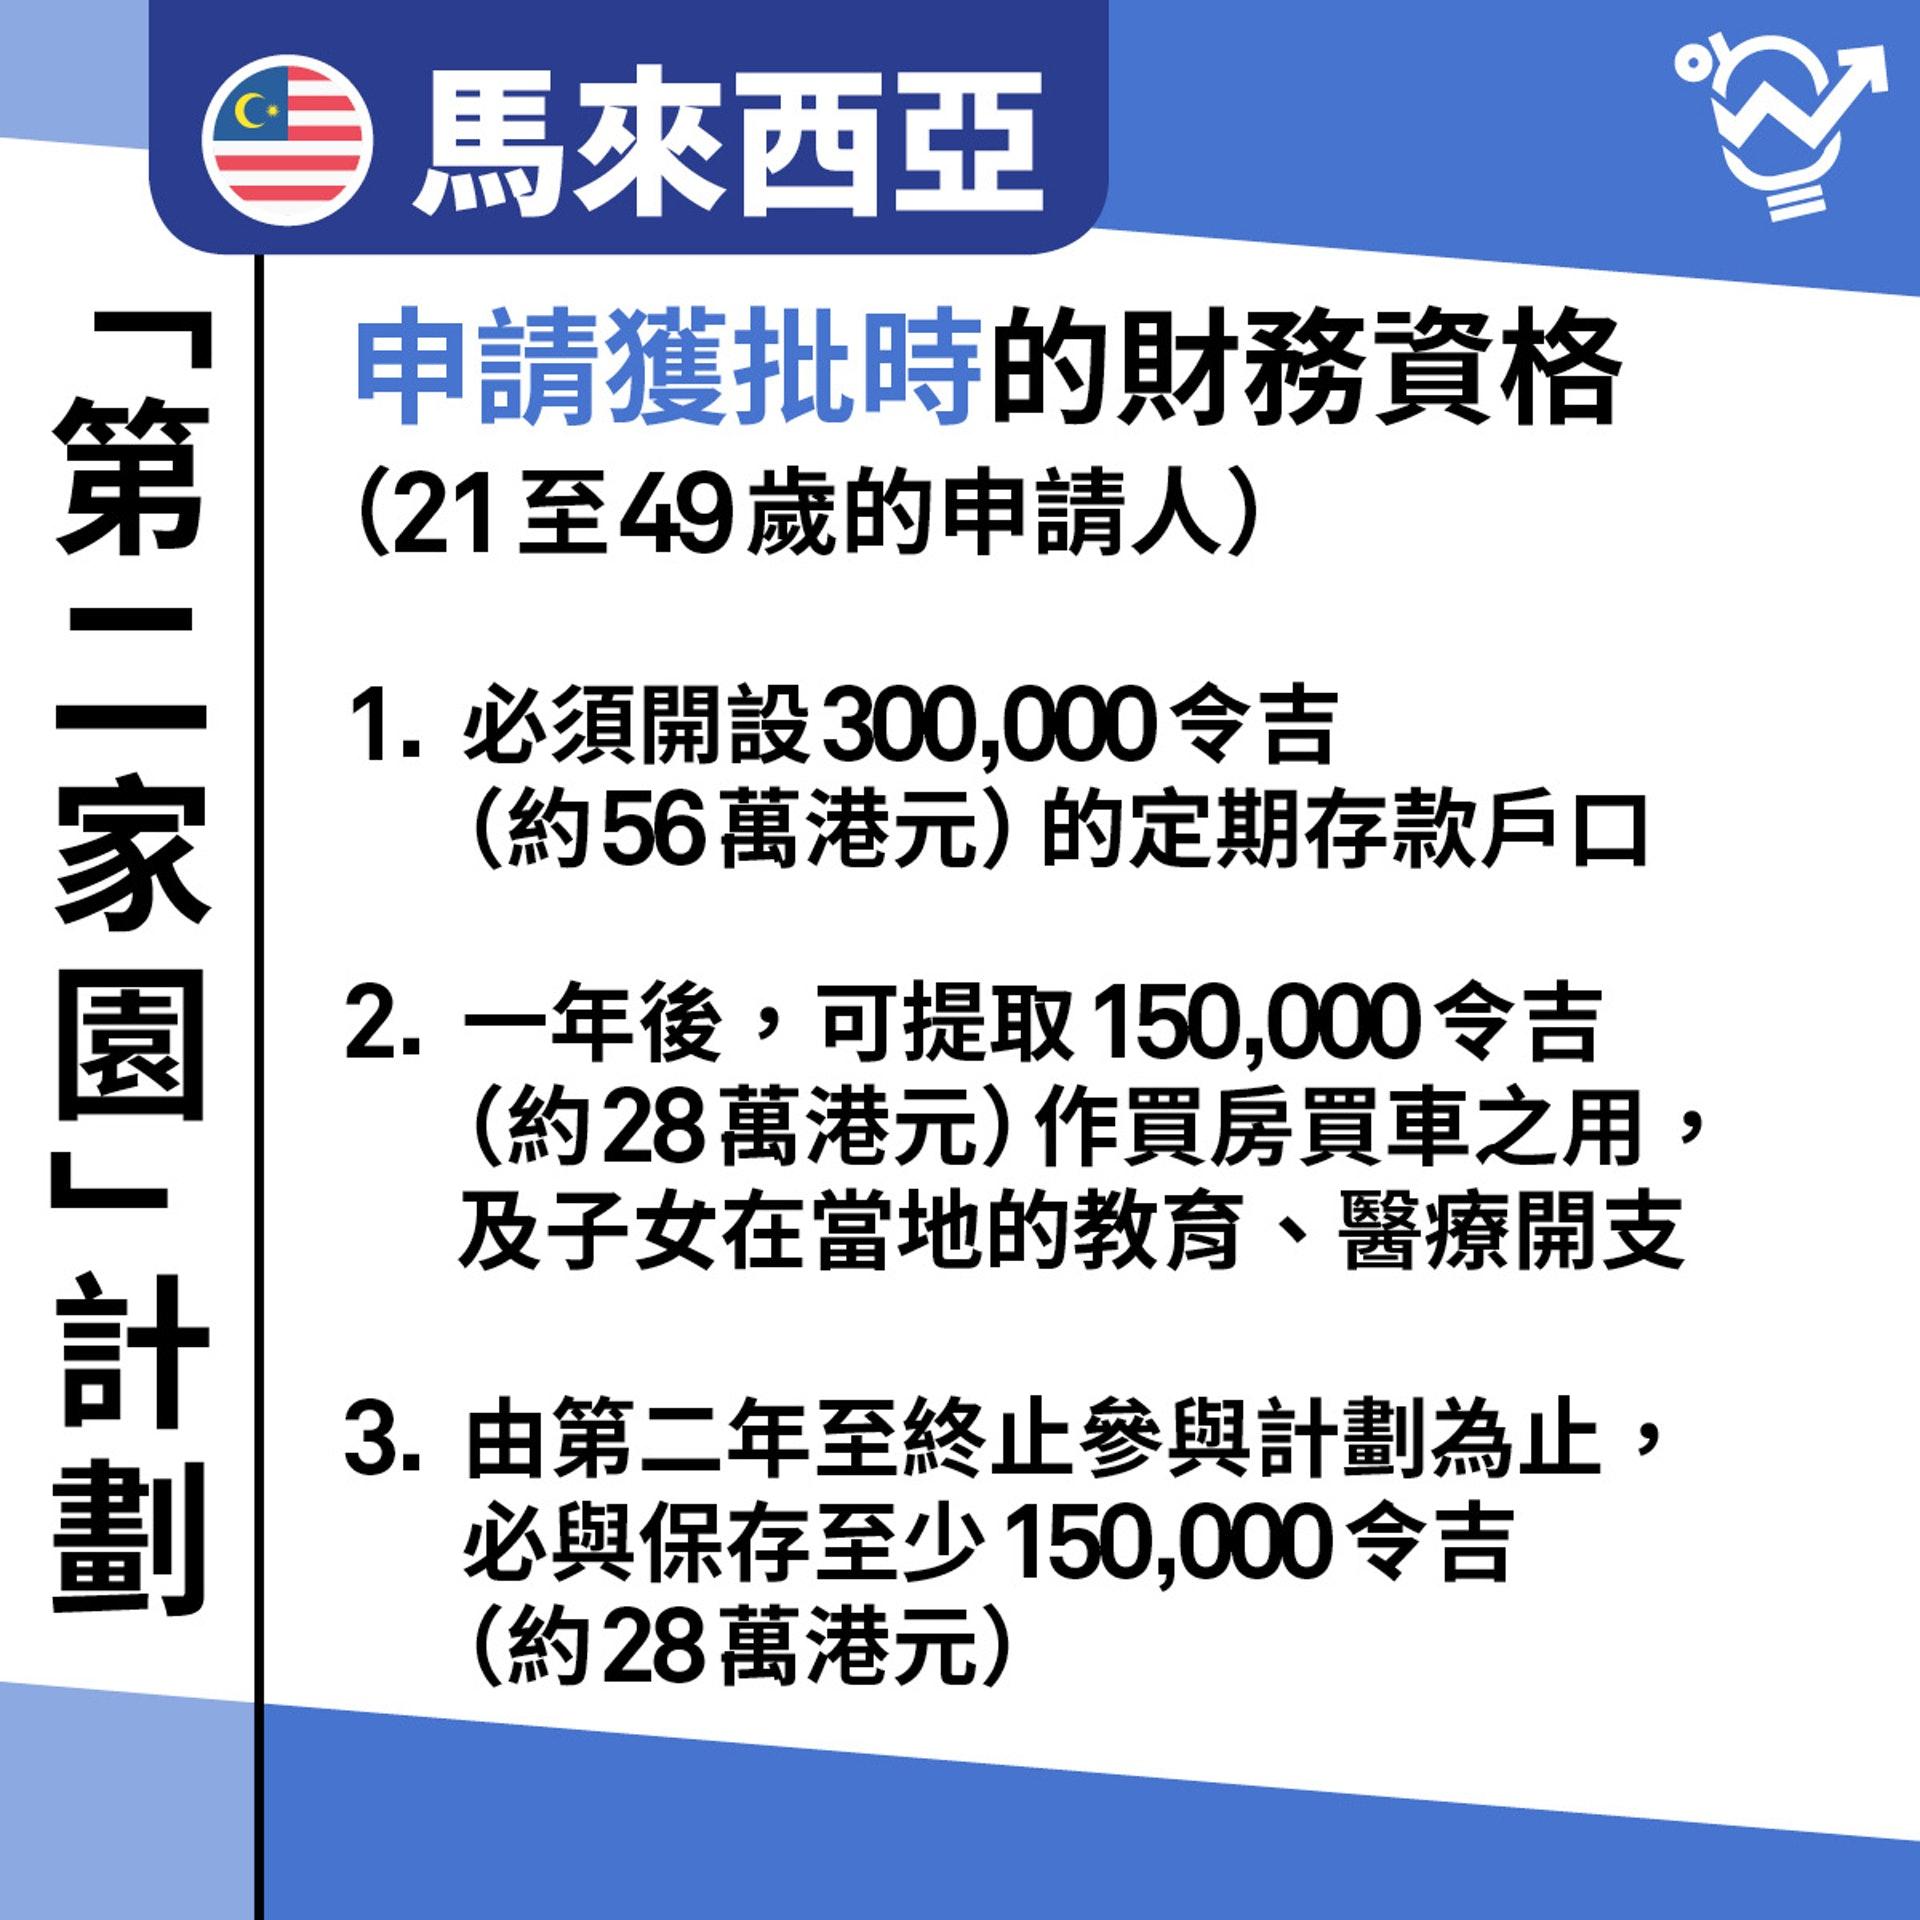 馬來西亞「第二家園」計劃。(01製圖)